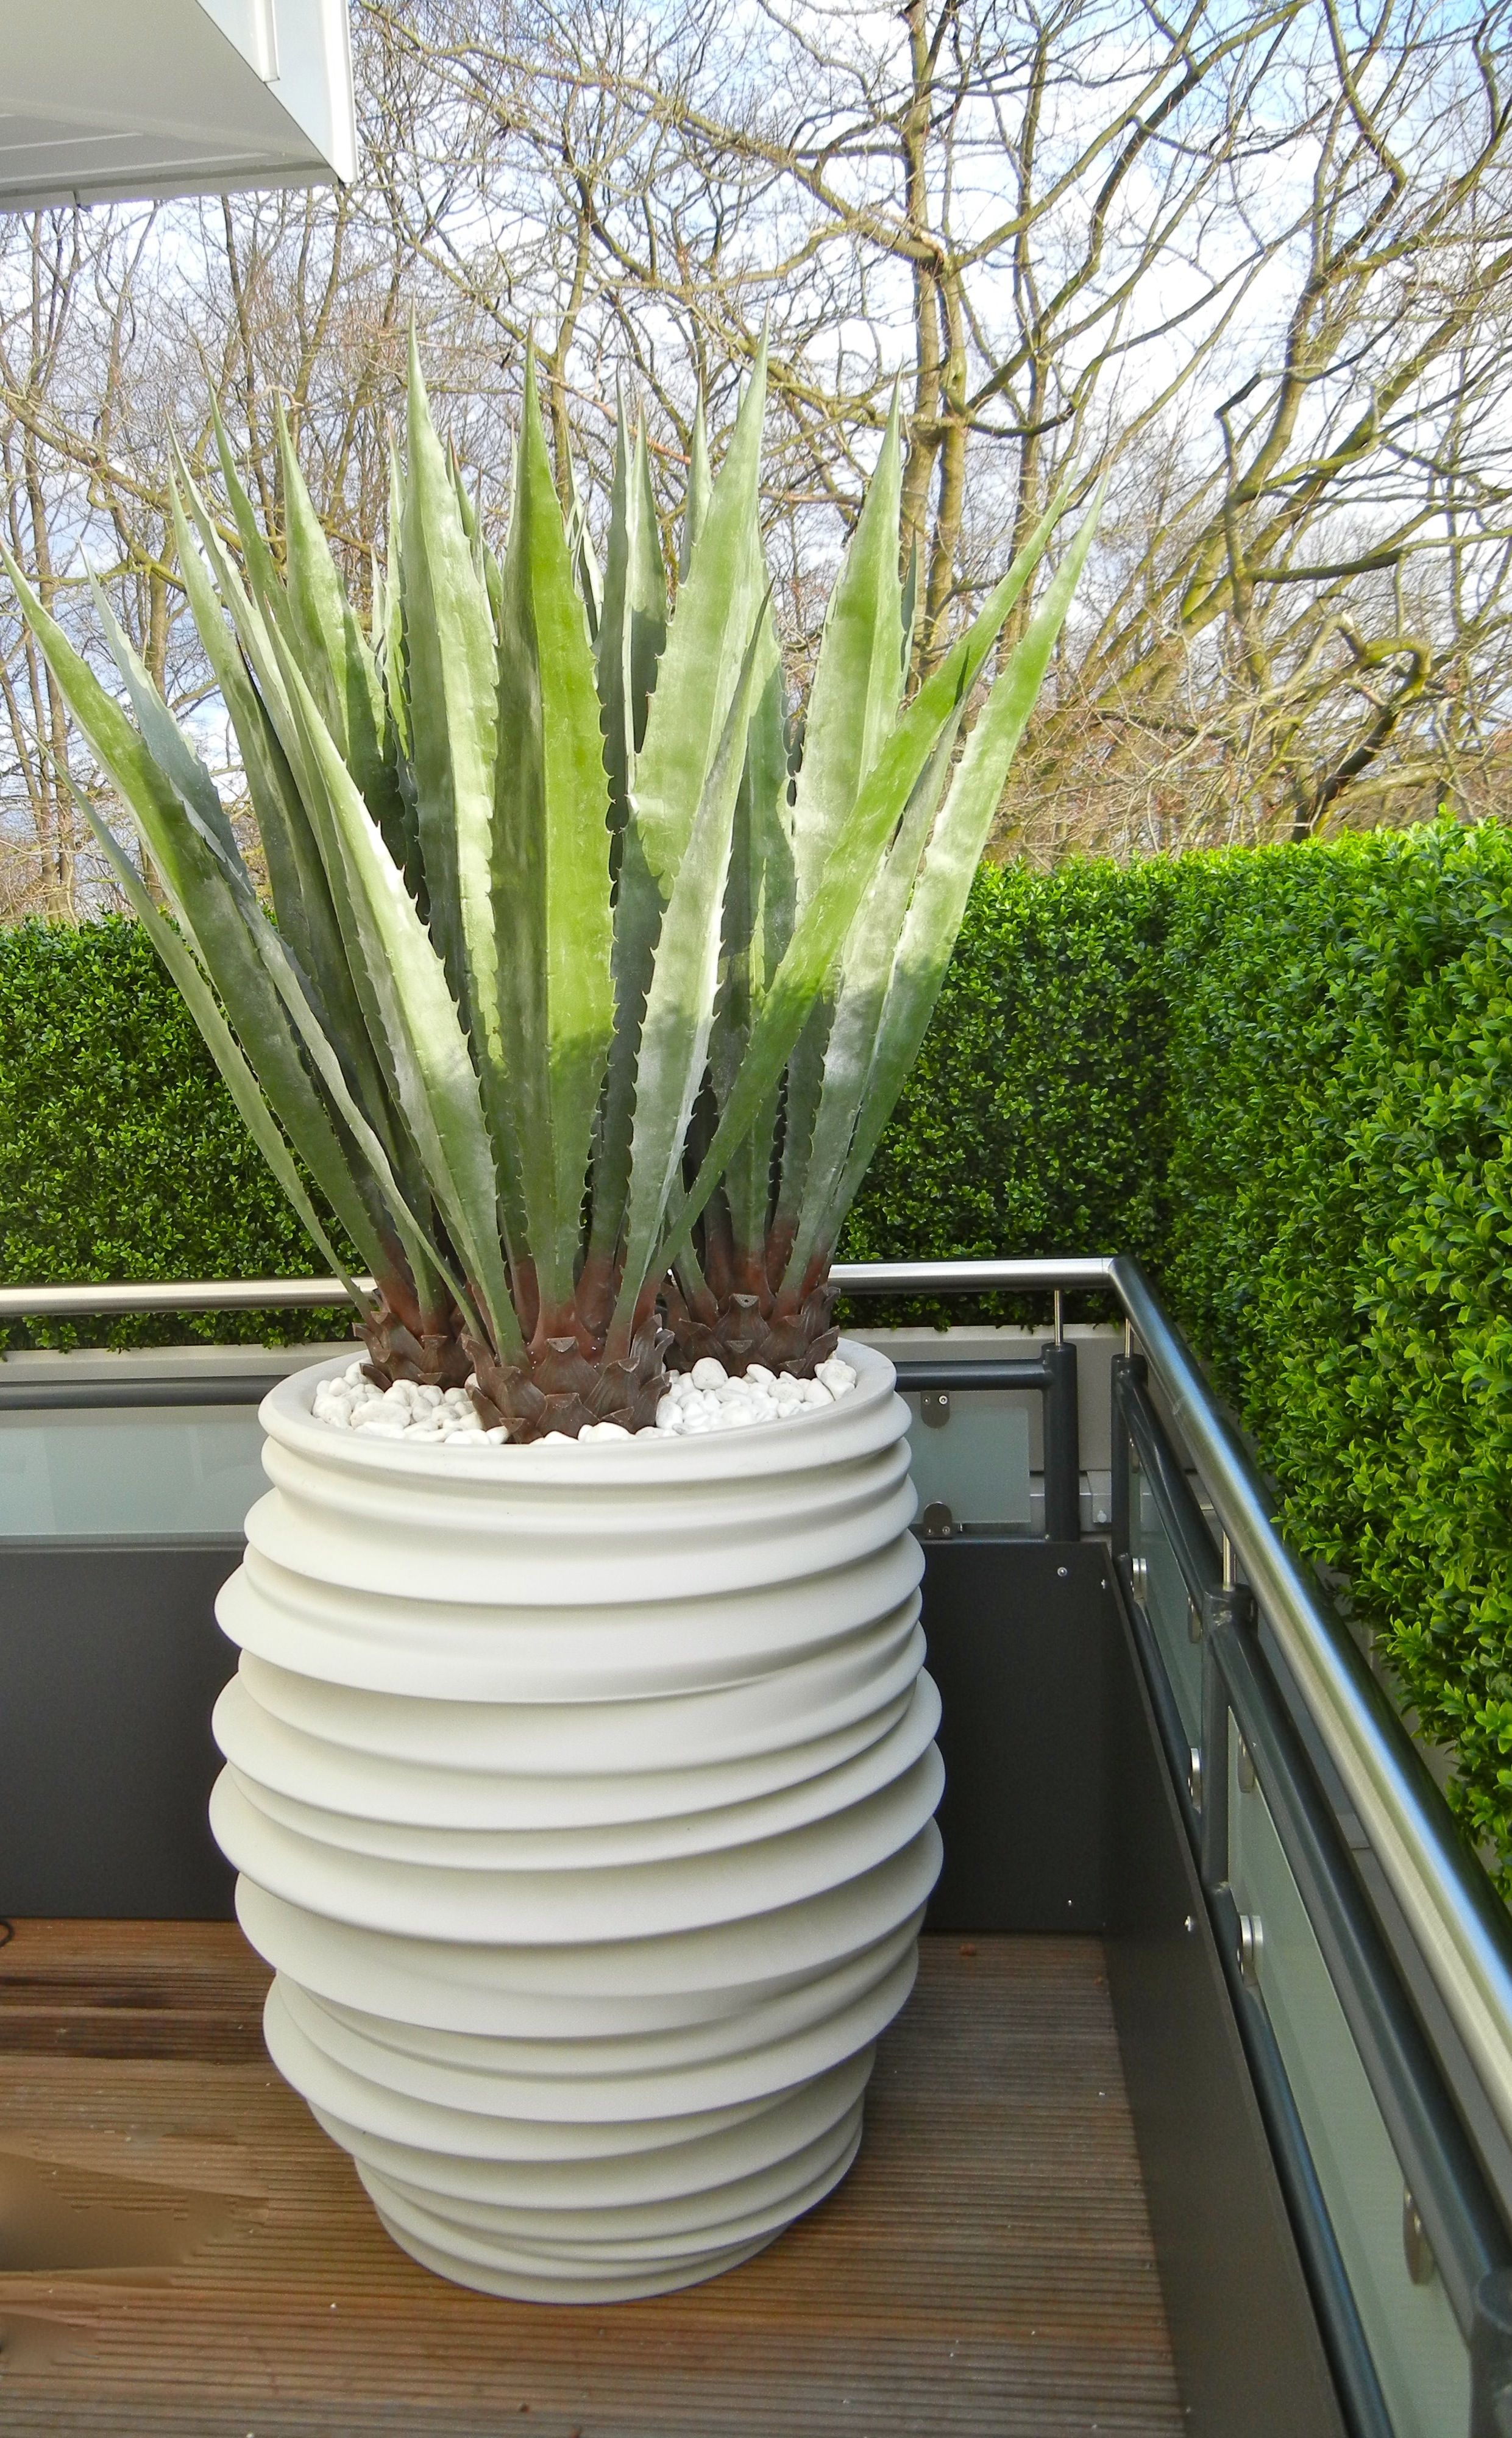 Wetterfeste Kunstpflanzen von Bellaplanta Terrasse